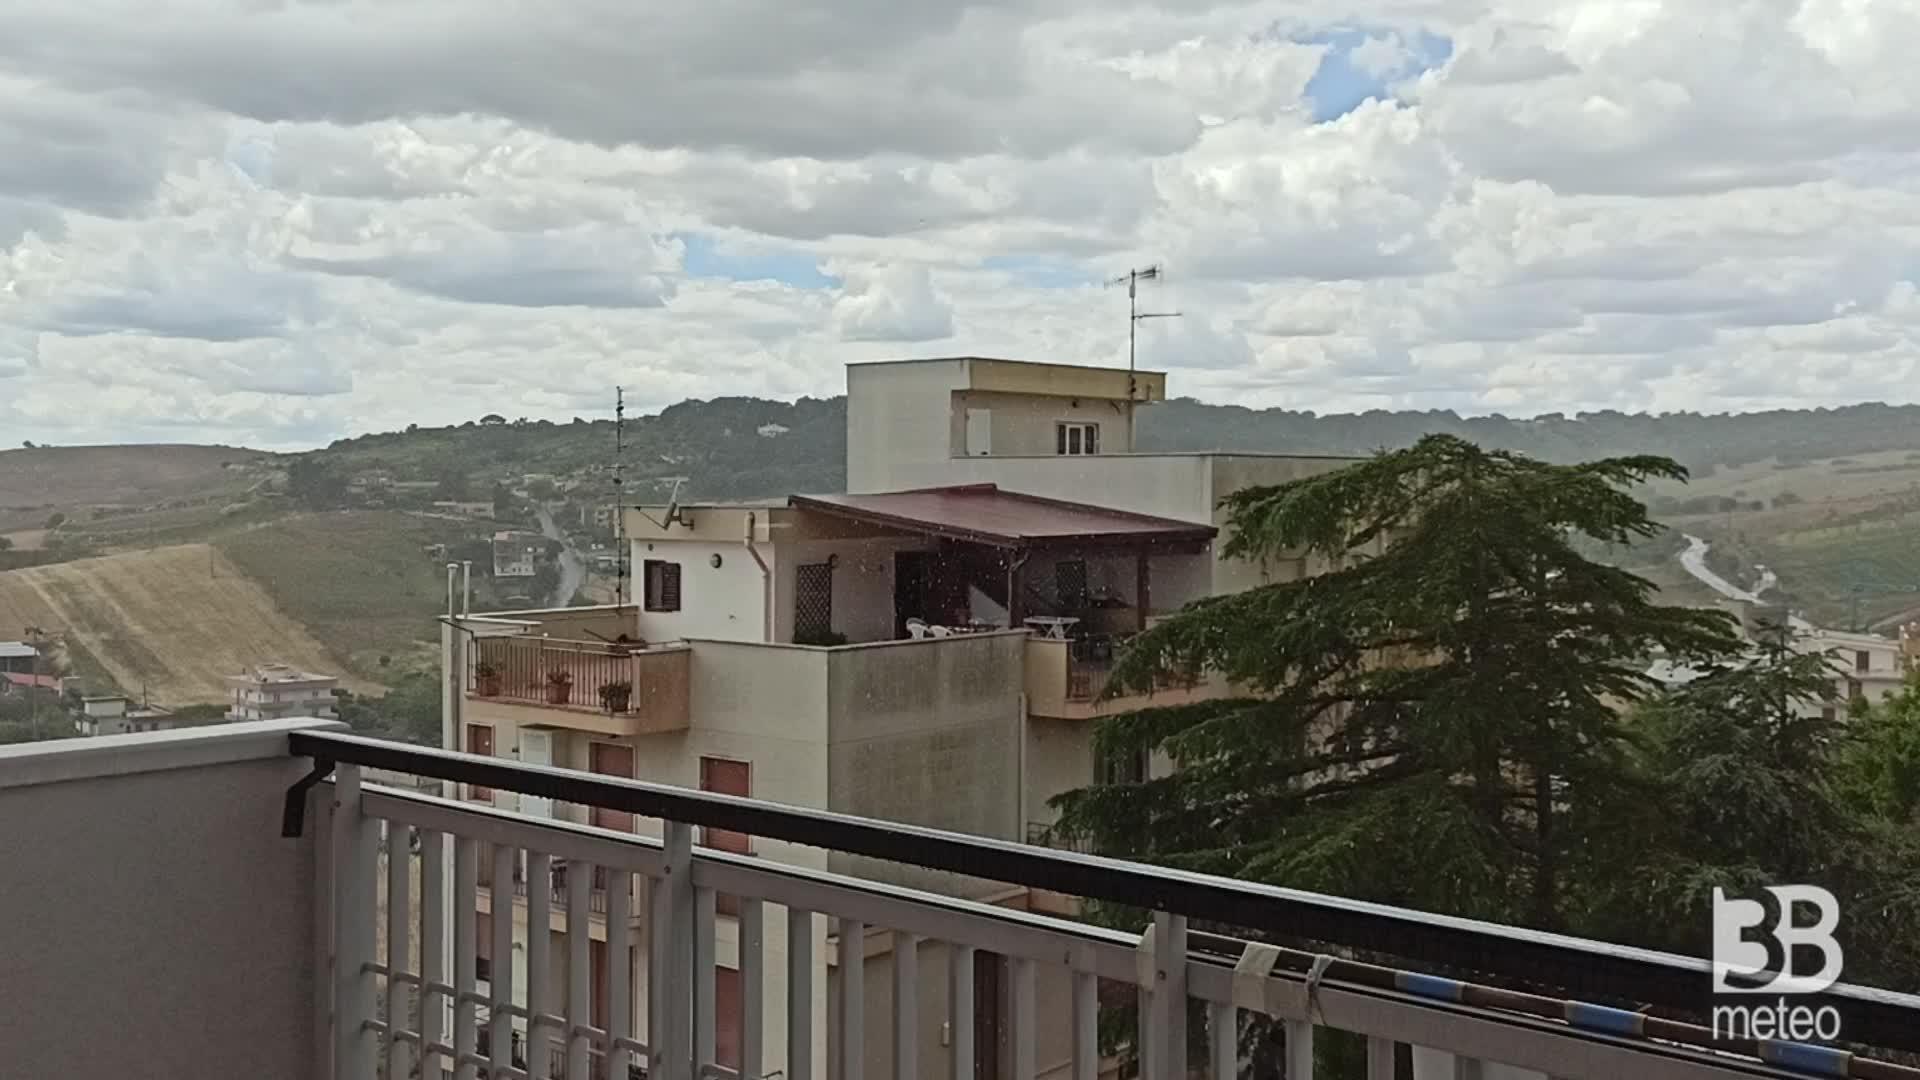 Cronaca meteo video: pioggia a Ginosa